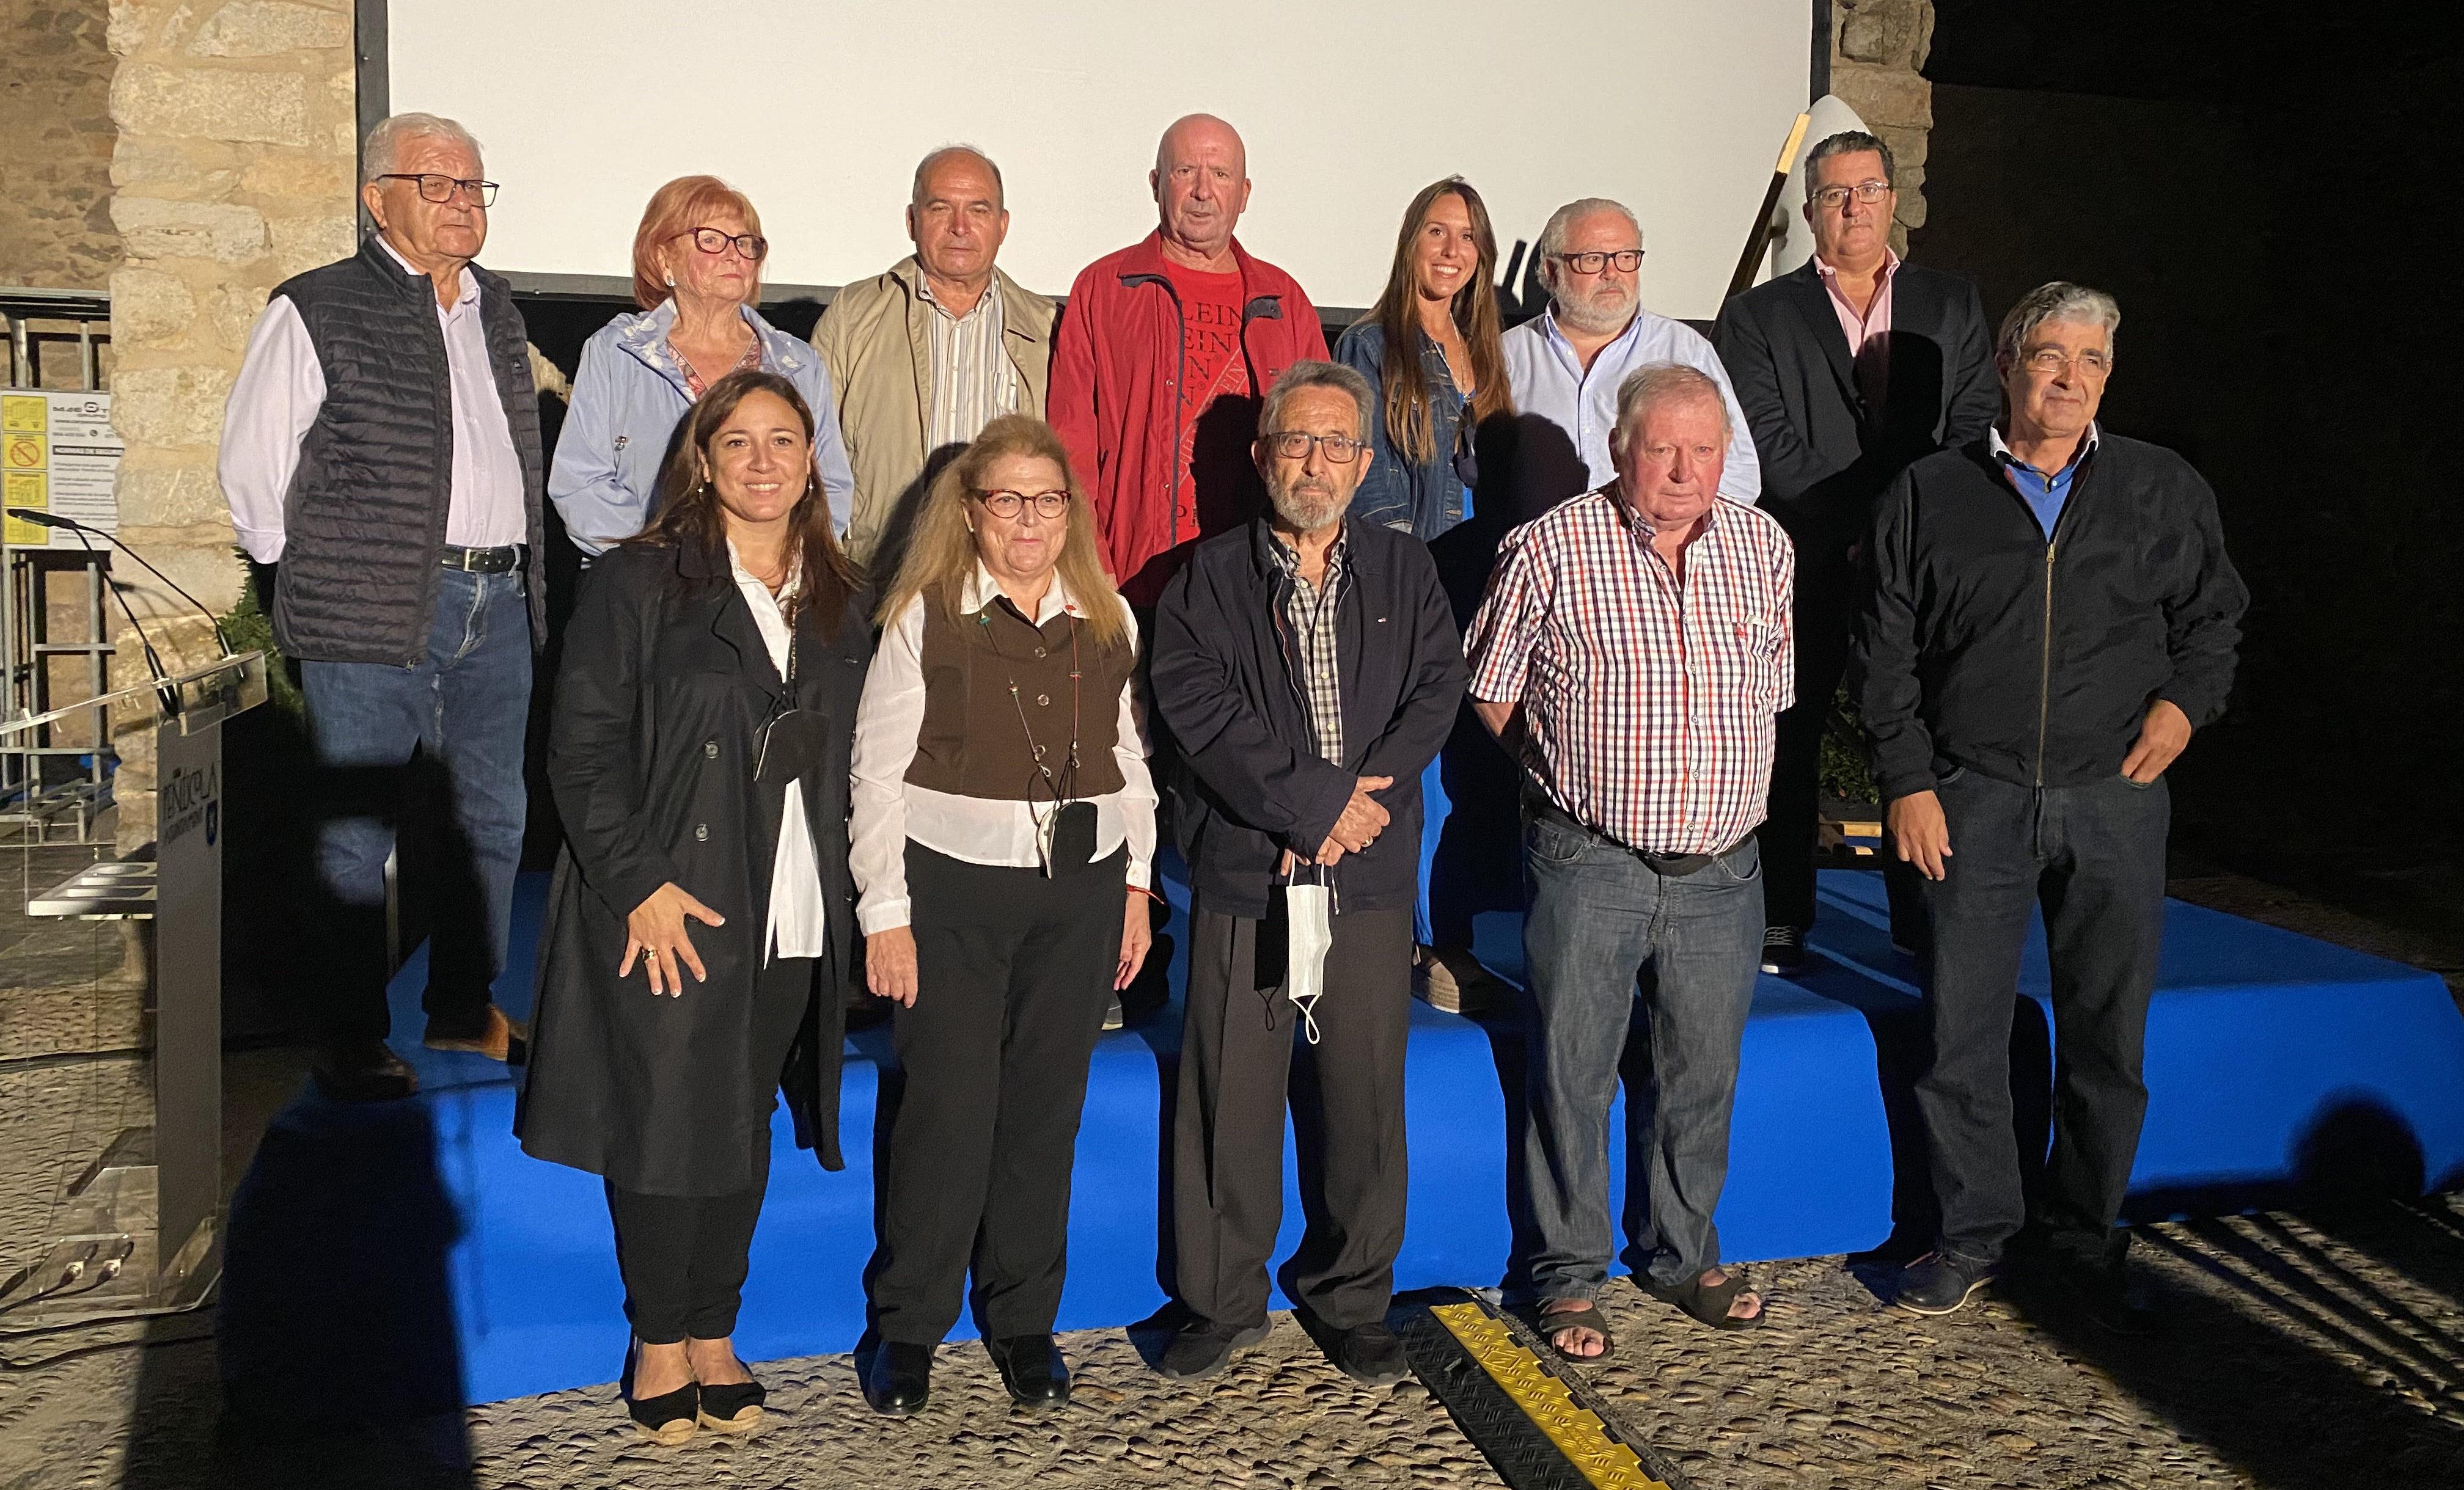 S'estrena 'Peníscola, ànima de cinema' amb el testimoni dels participants en els rodatges de Berlanga a la ciutat